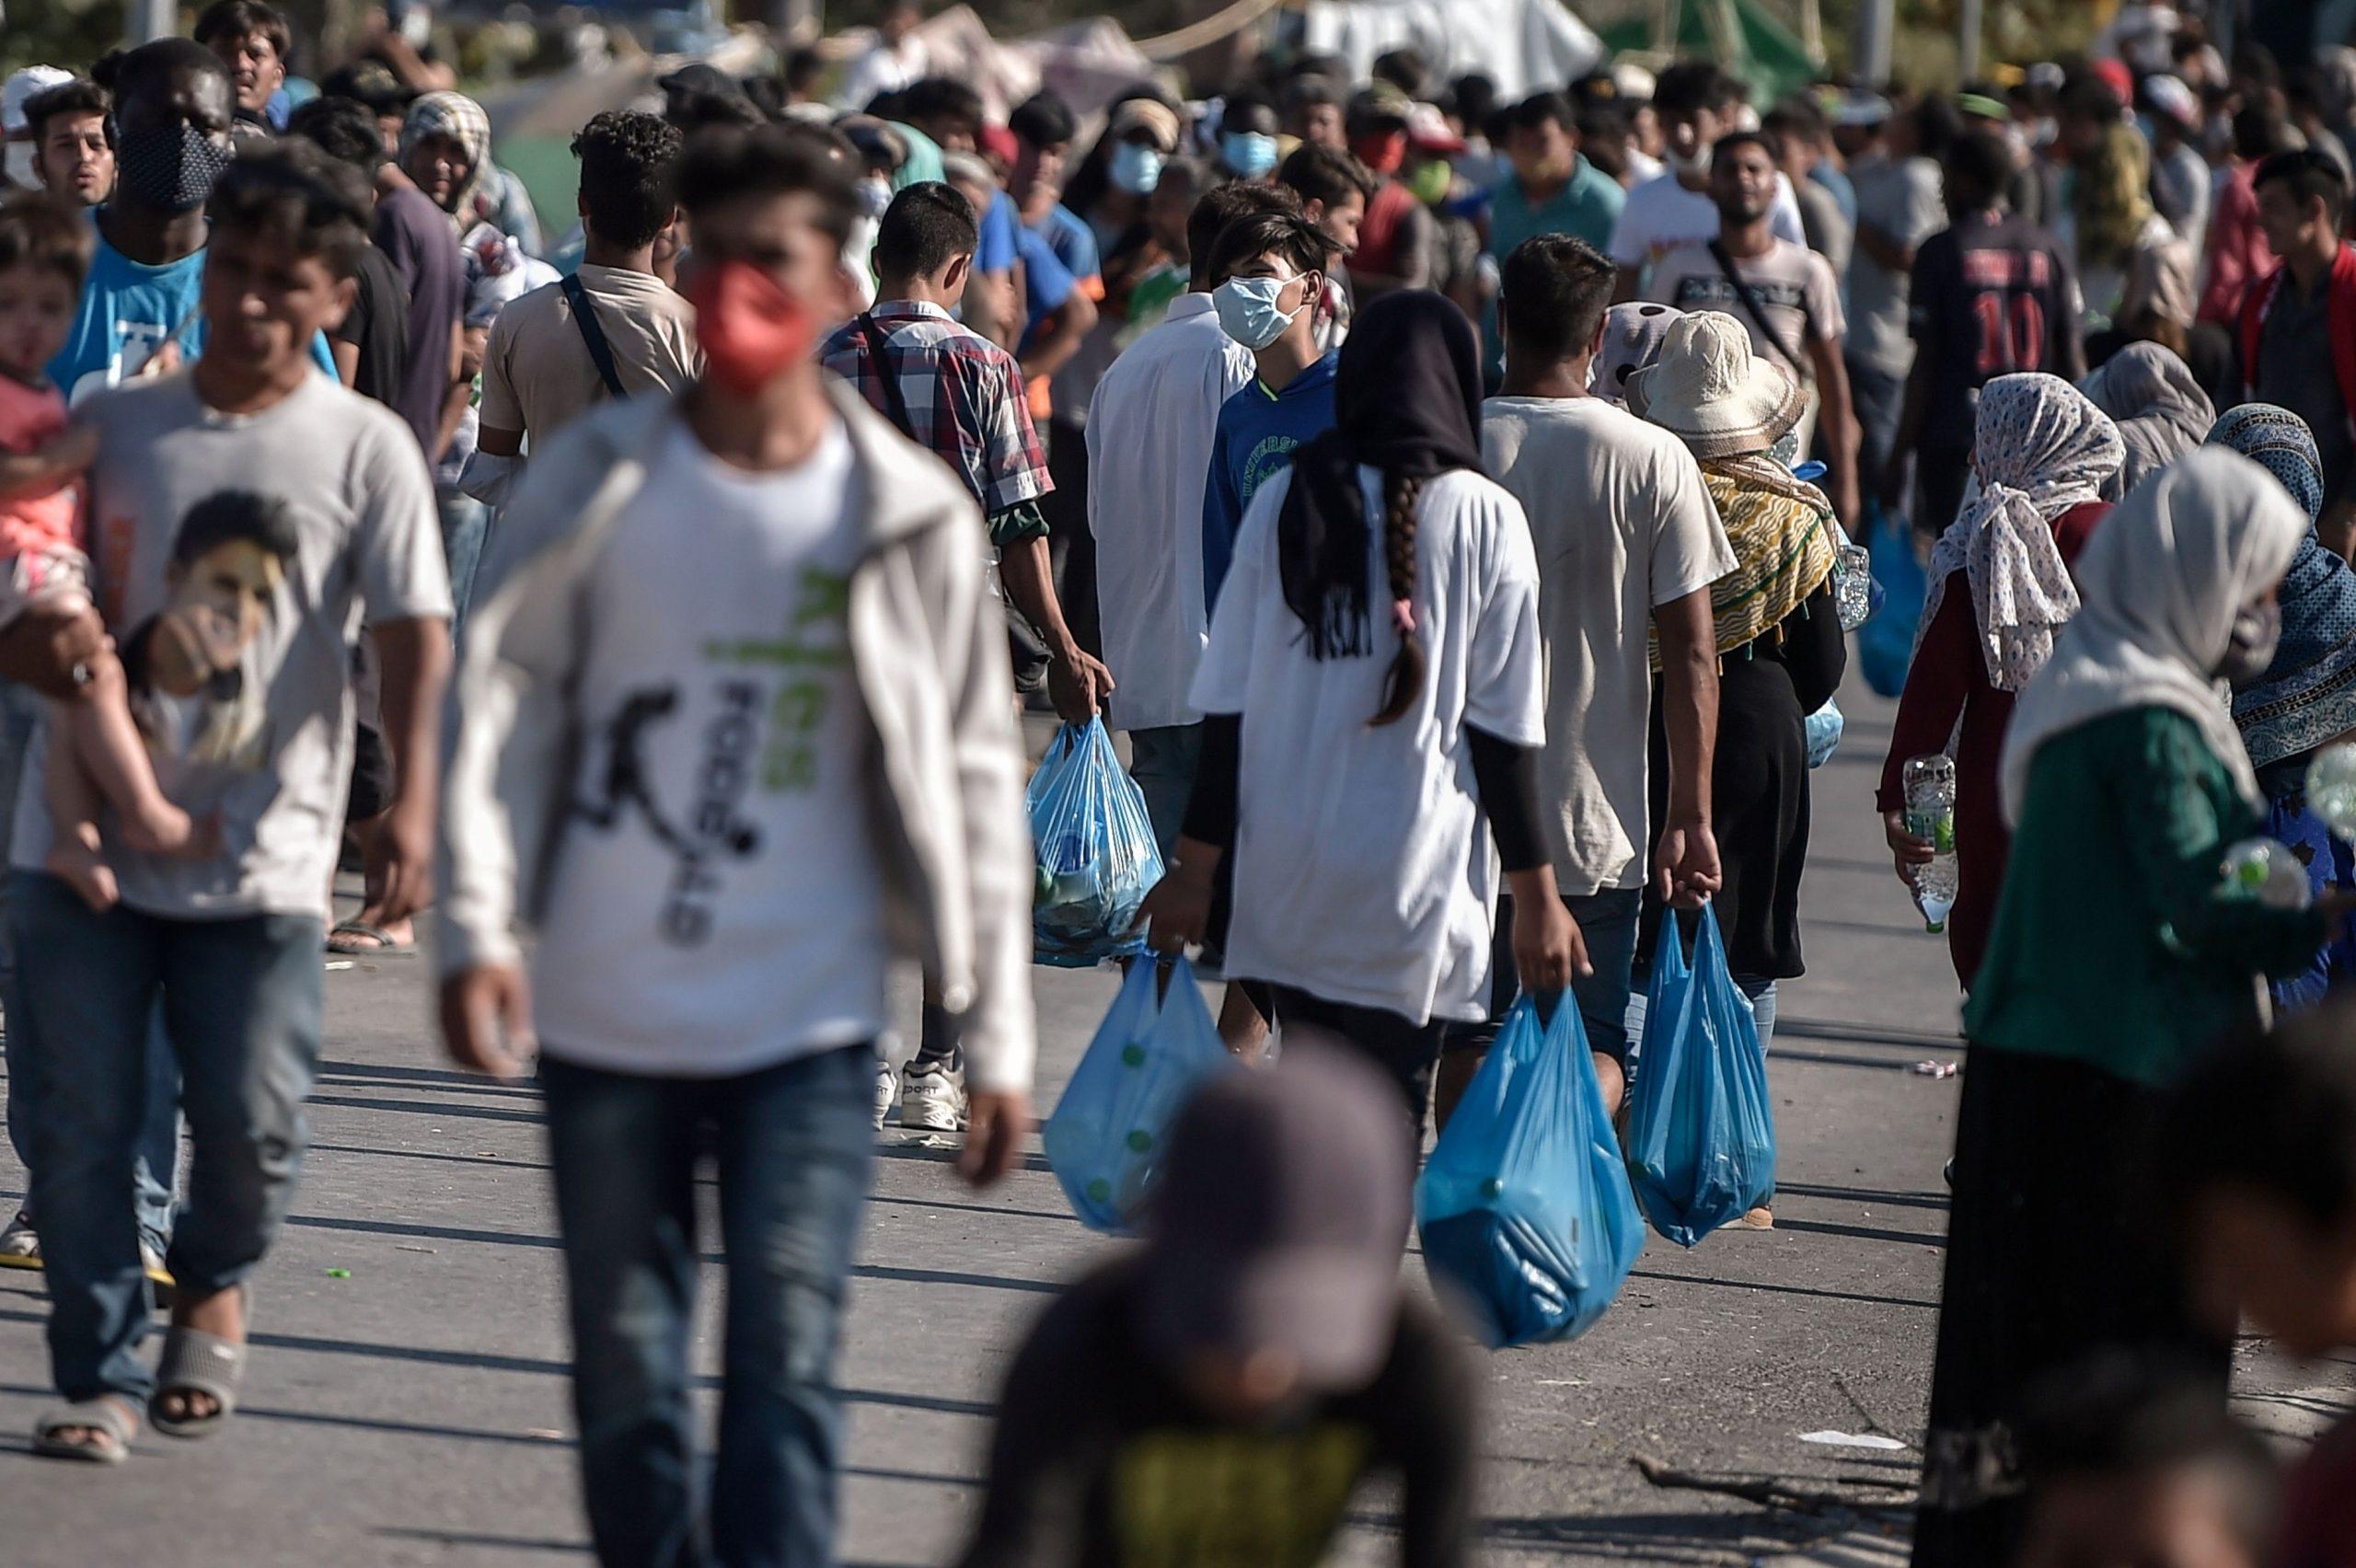 Griechisches Gericht verurteilt zwei Migranten wegen Brandstiftung in Moria